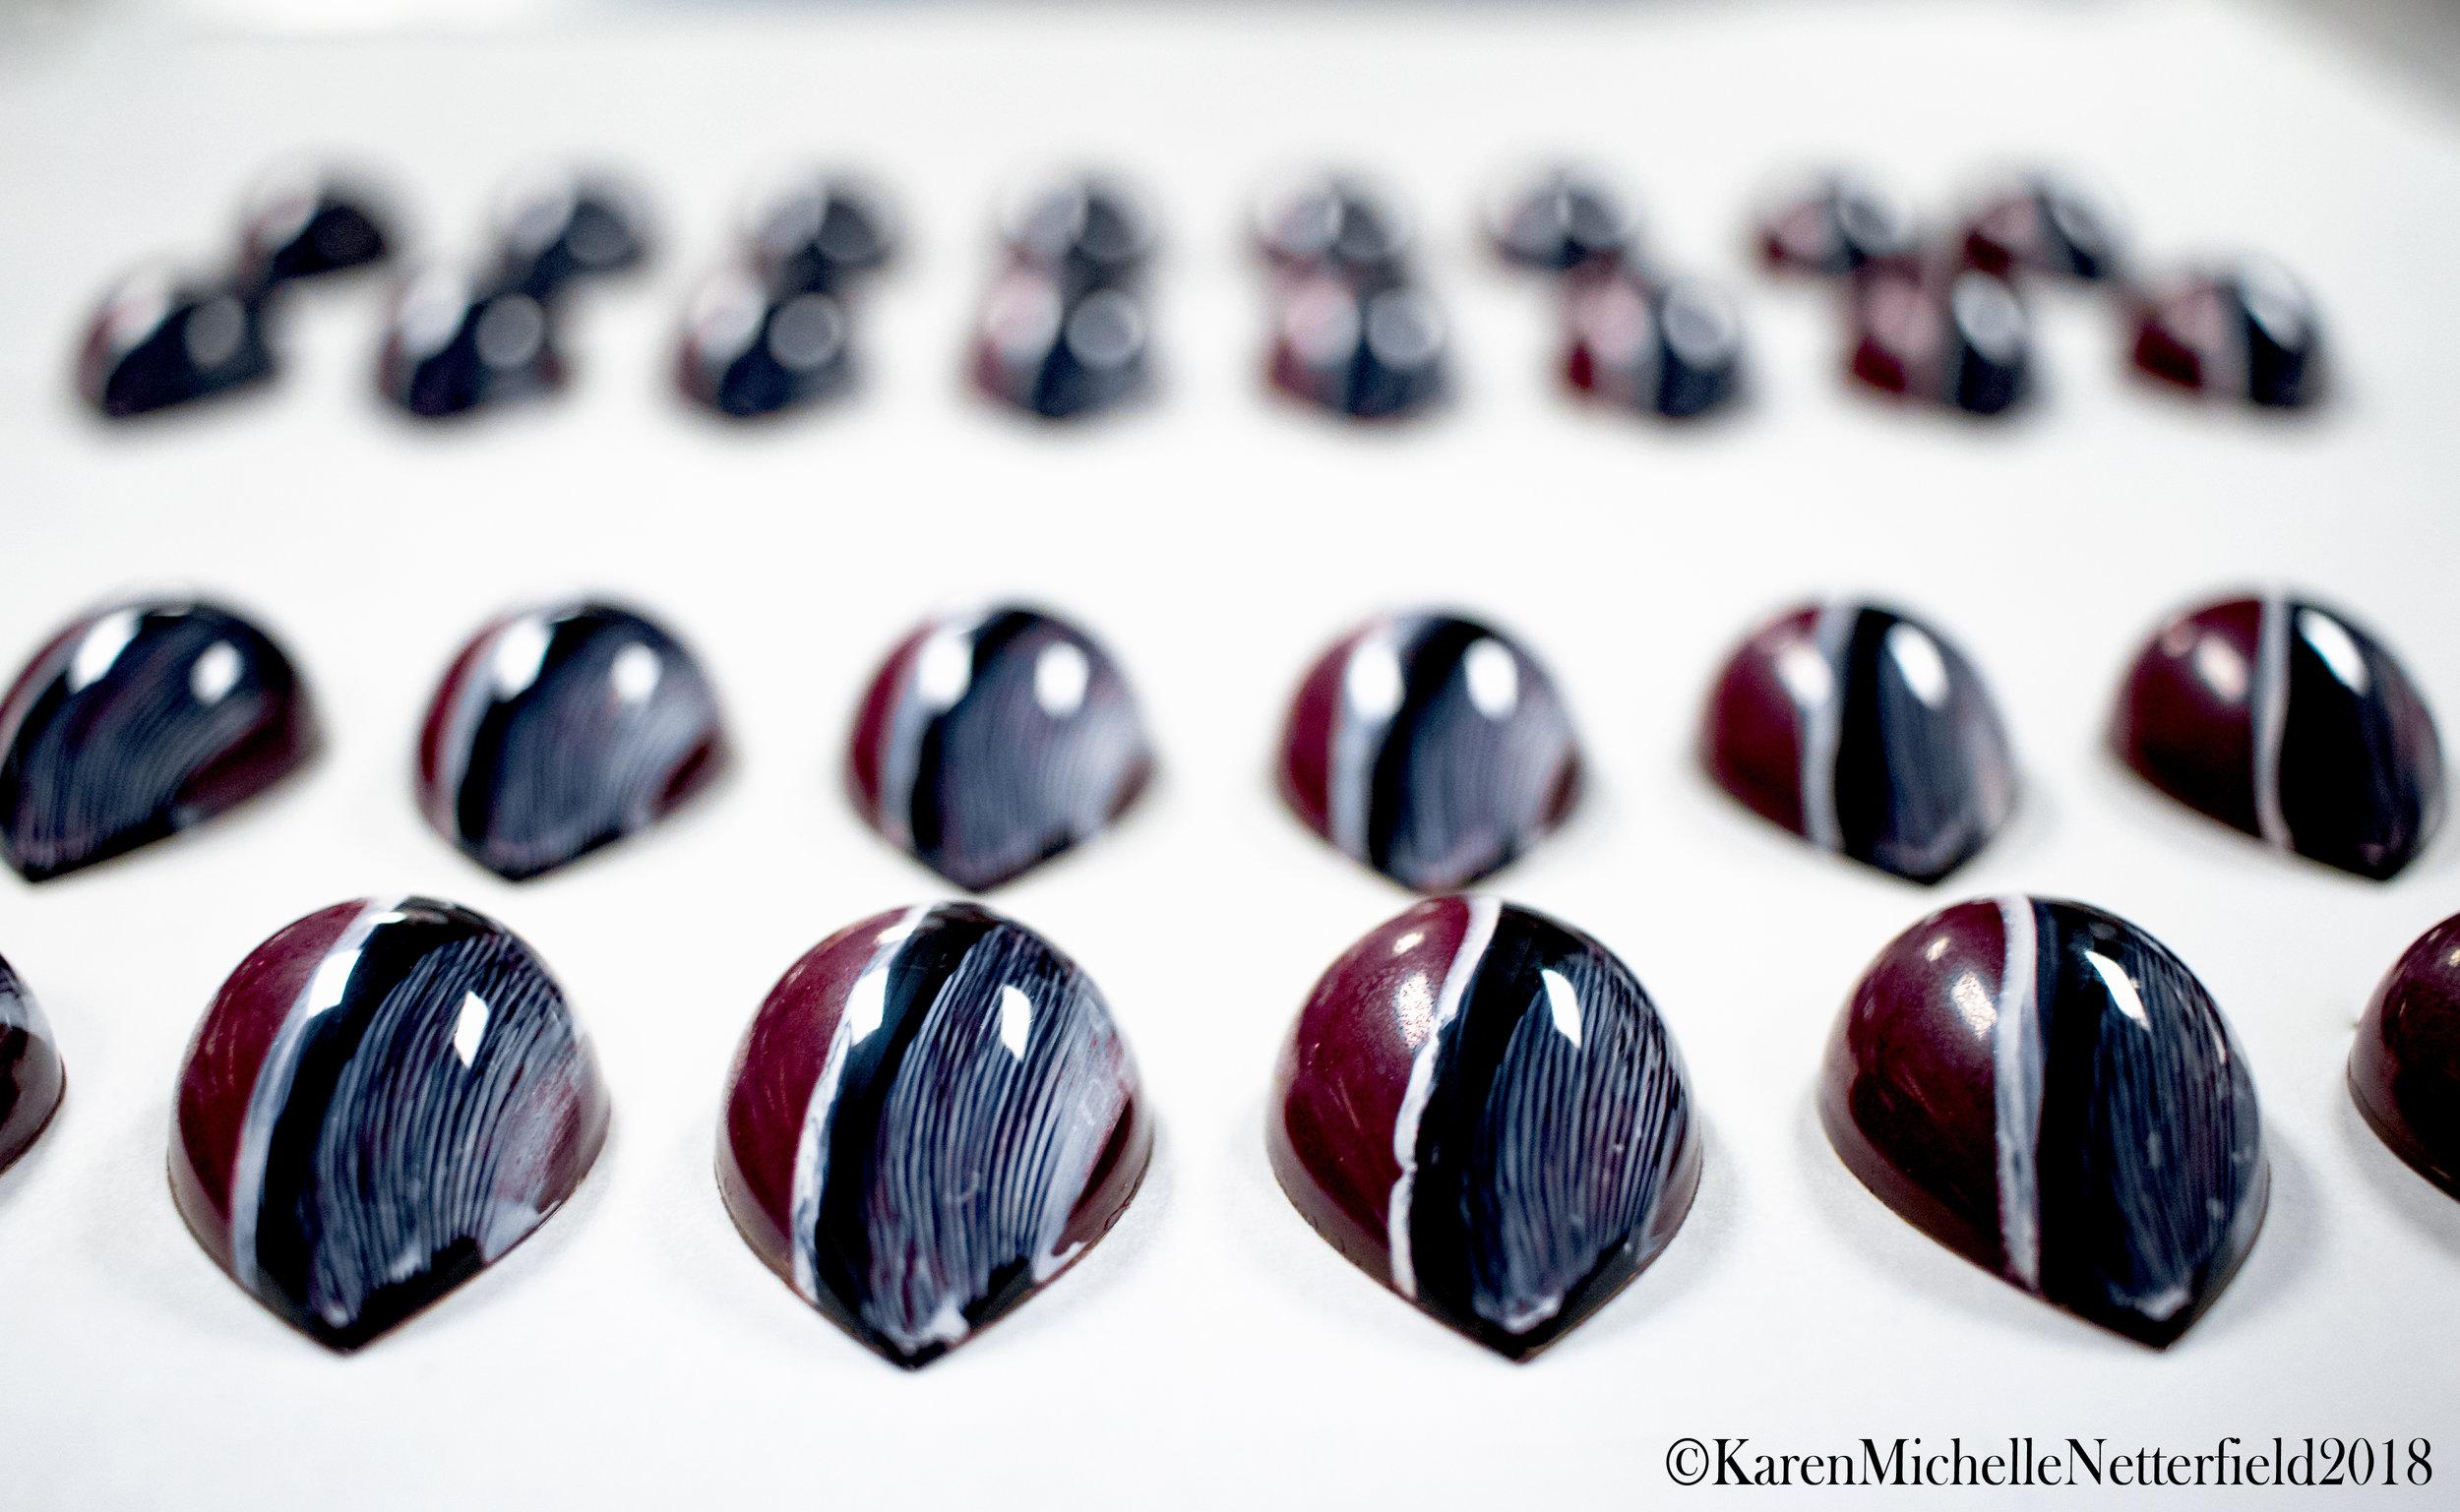 Haasnoot_Jean_Marie_Chocolatier_School_Candies2©KarenMichelleNetterfield2018.jpg